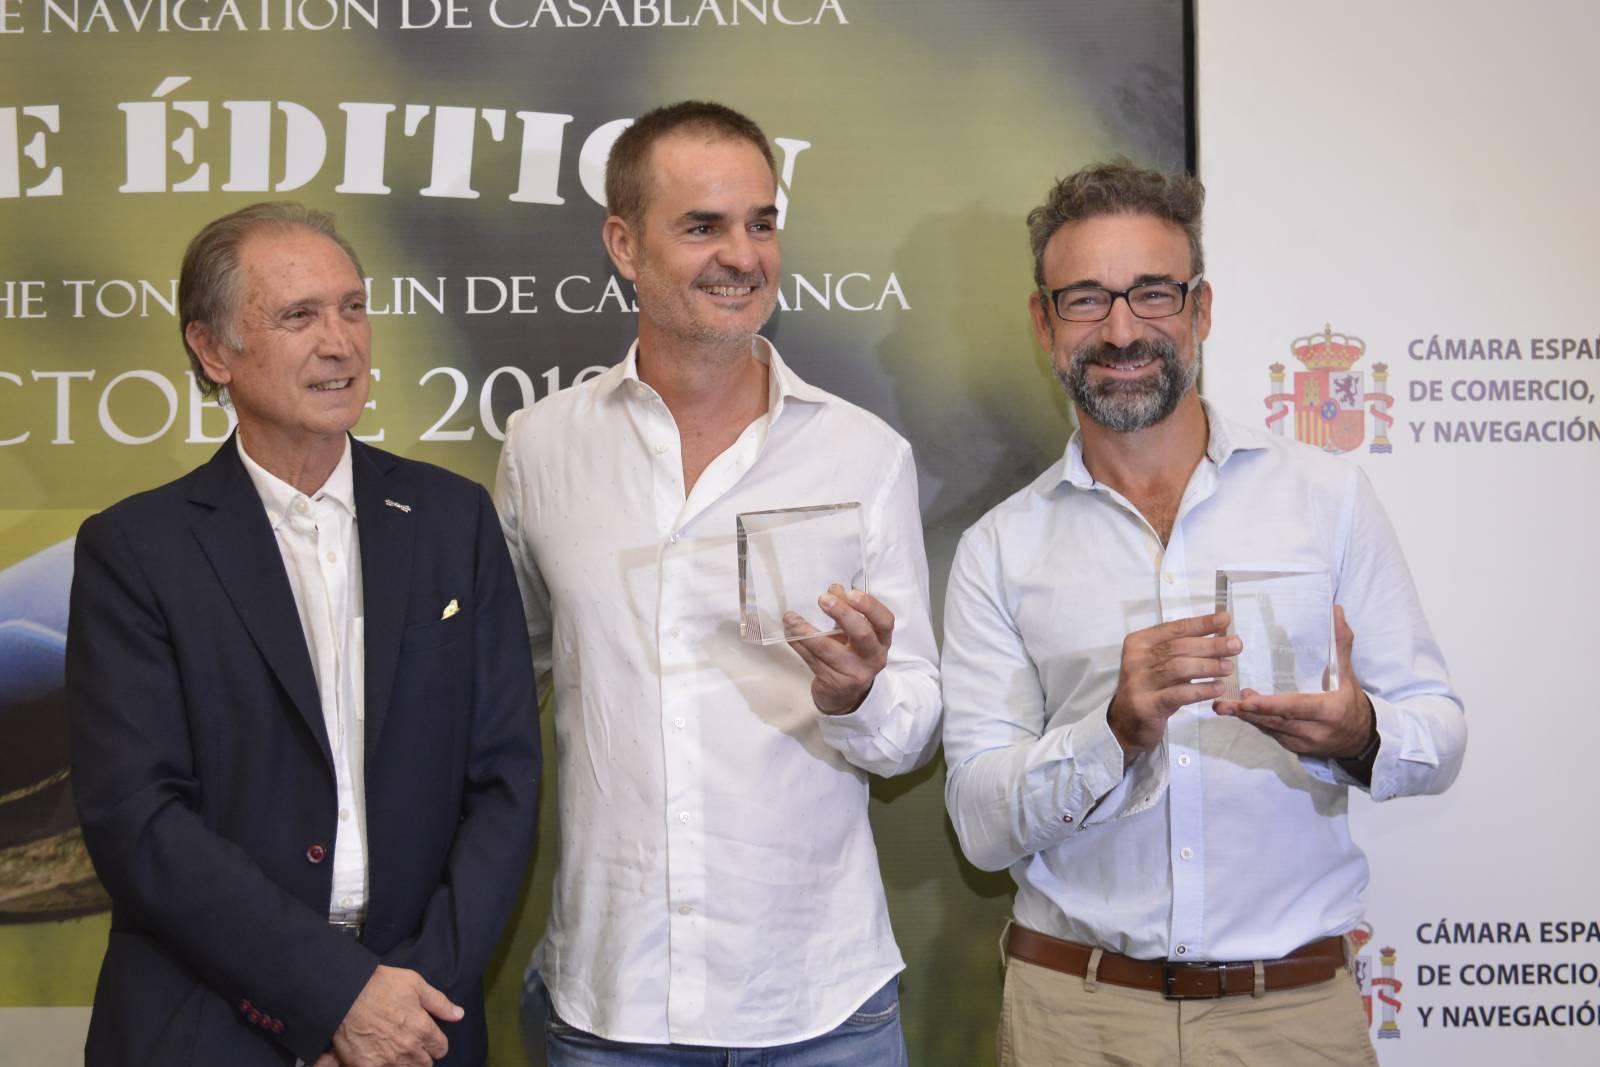 Soirée de remise des prix de la 8ème édition du Tournoi de Golf